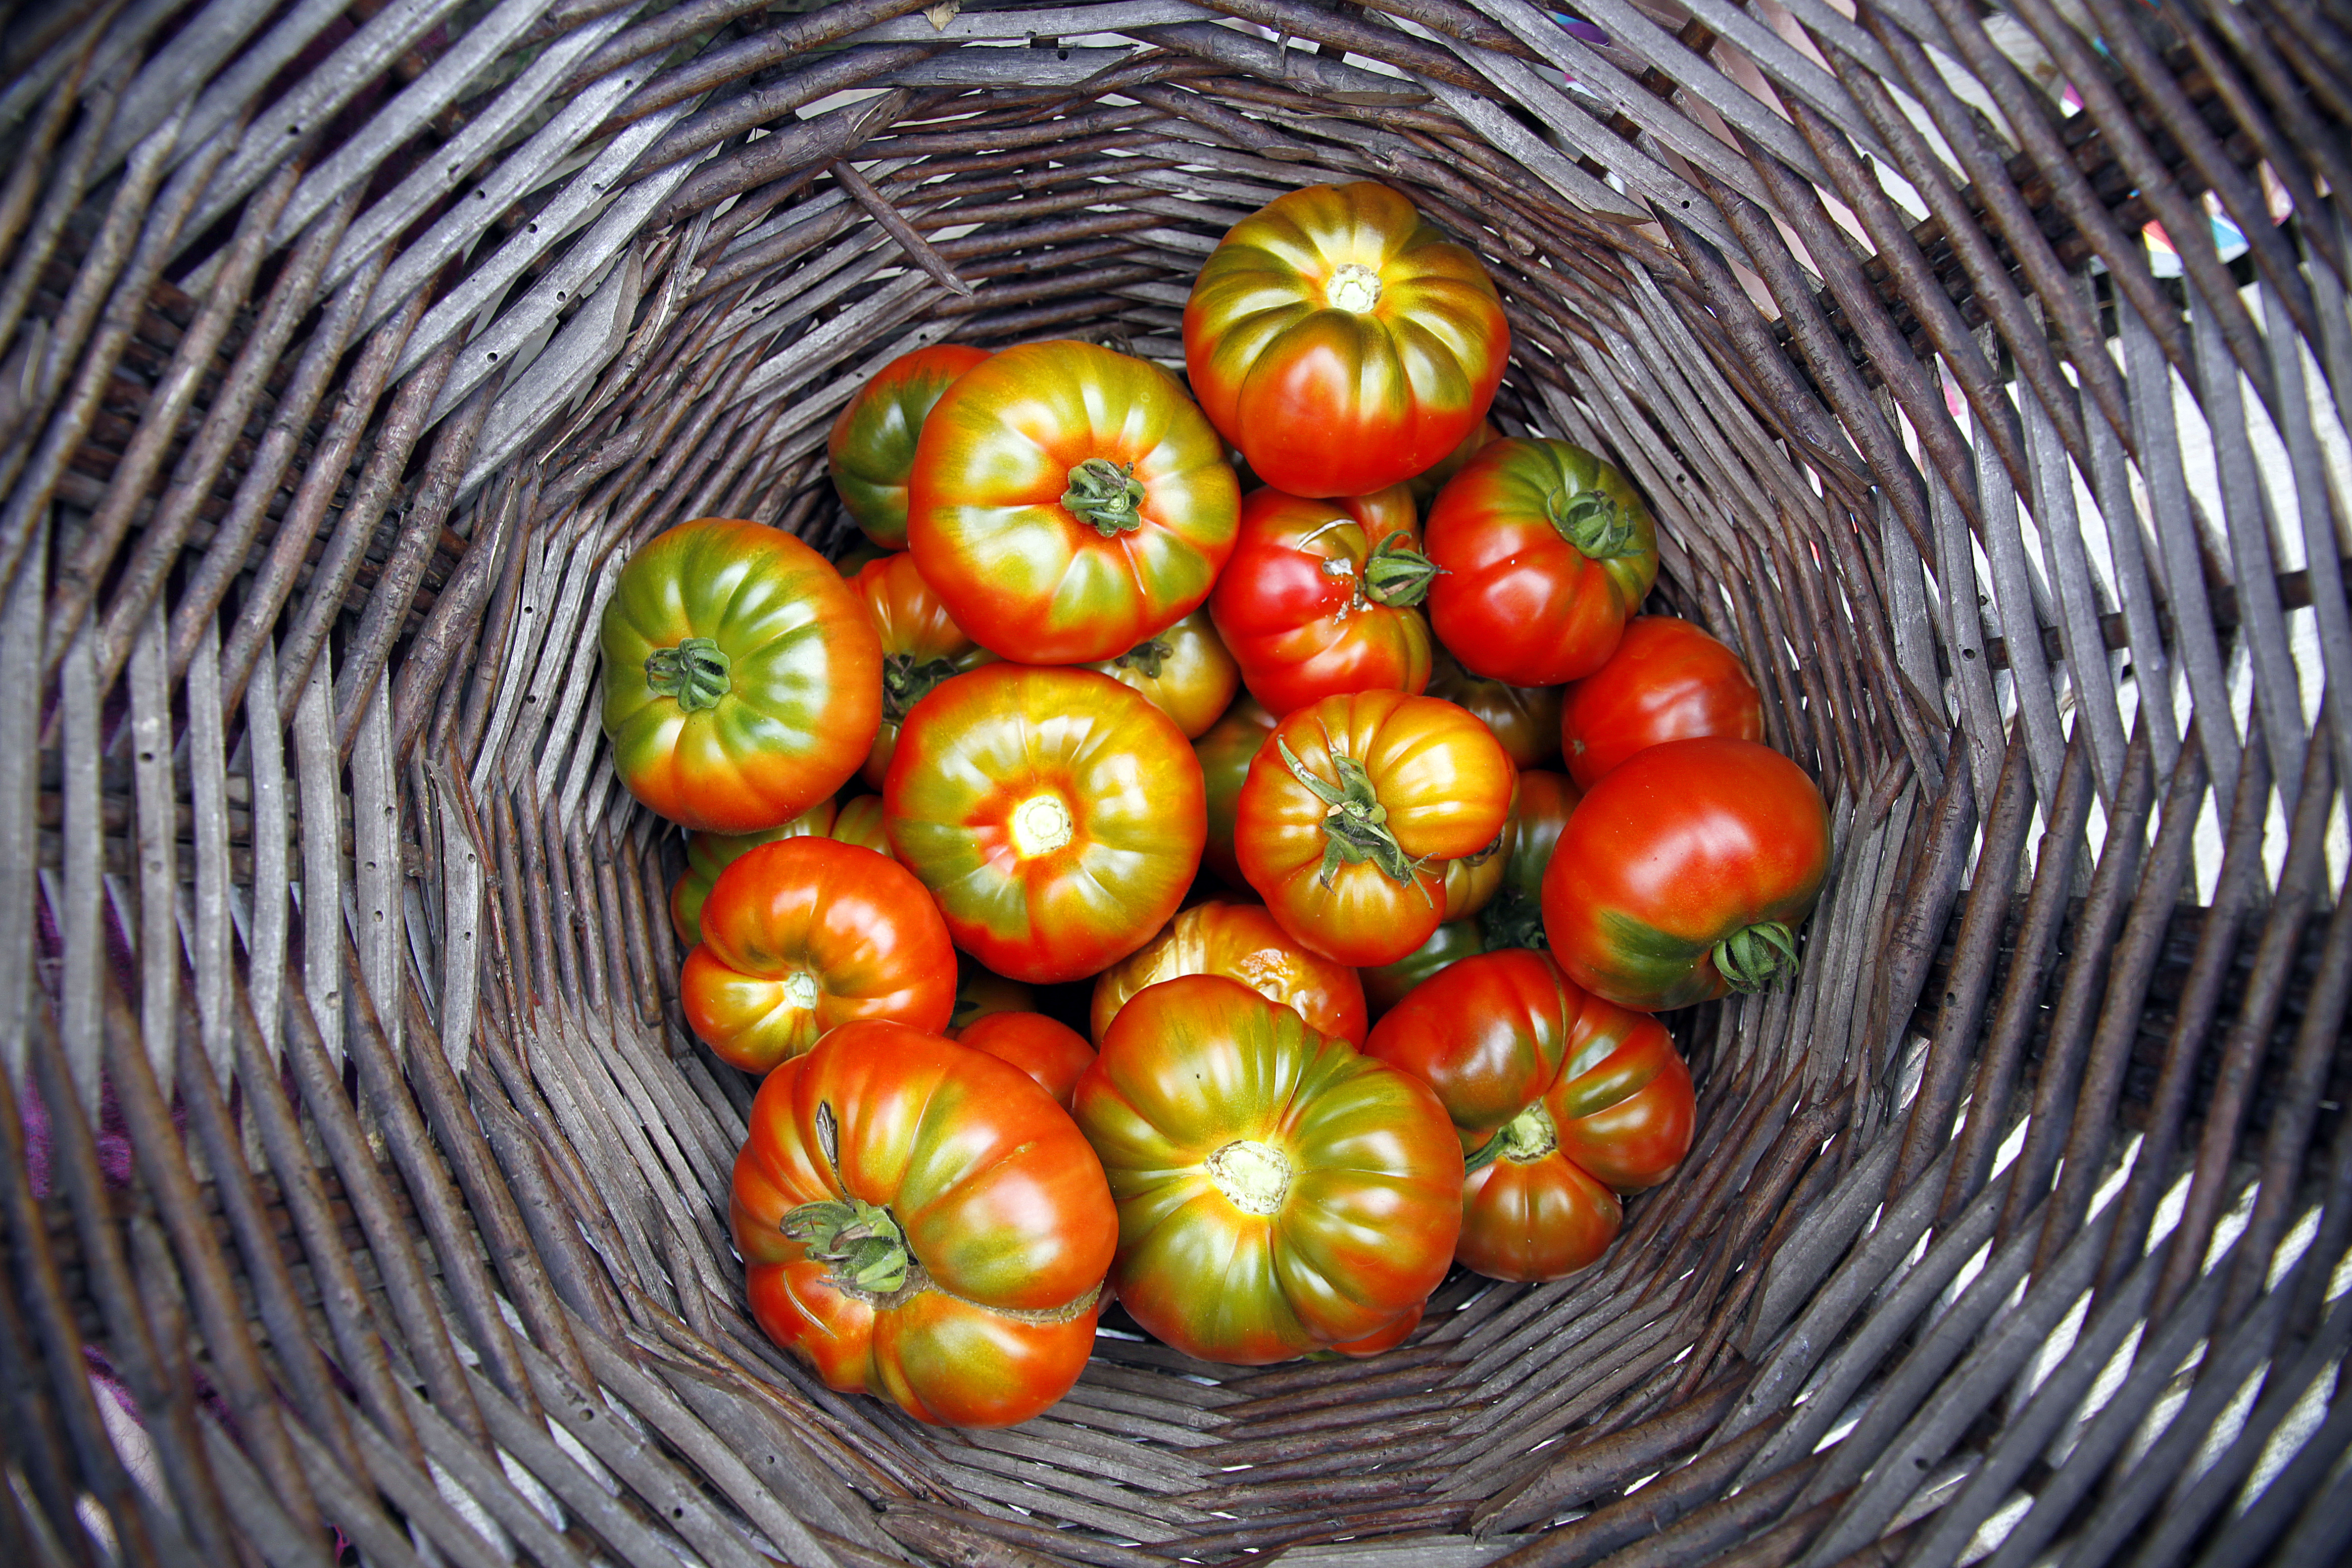 Comment choisir une bonne tomate?